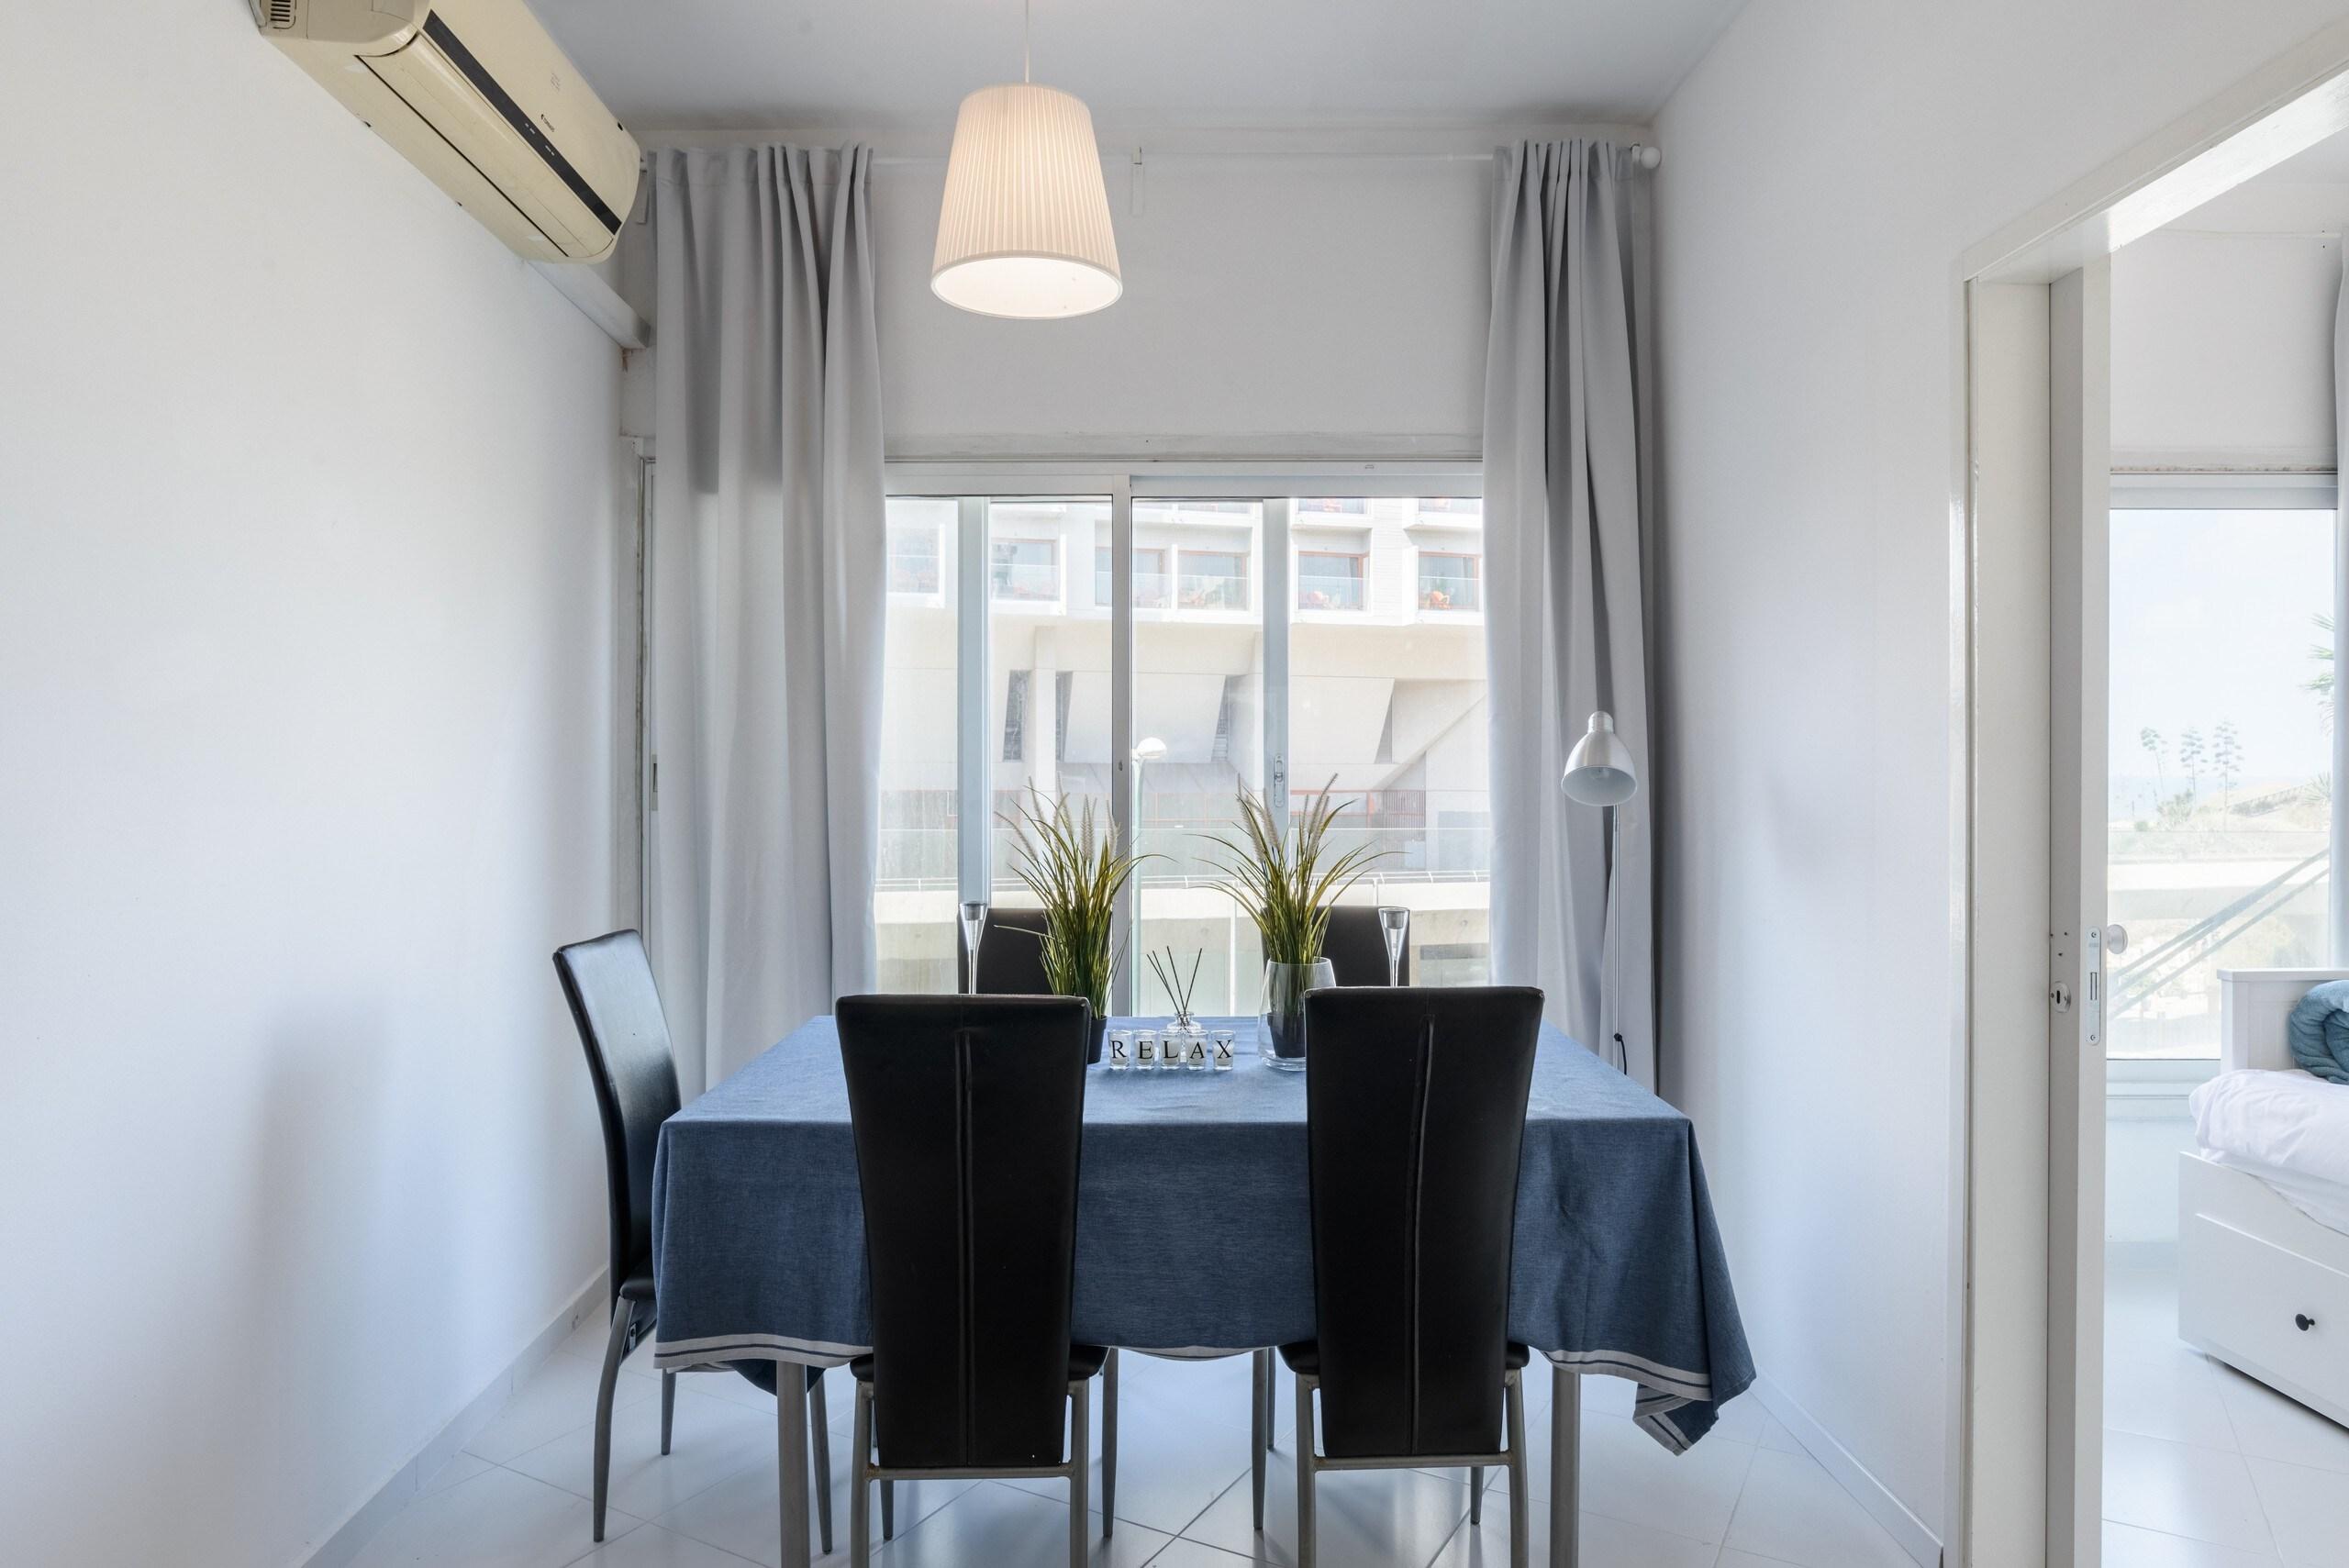 Apartment Sea View 2 bedroom apartment next to Hilton beach photo 21105509